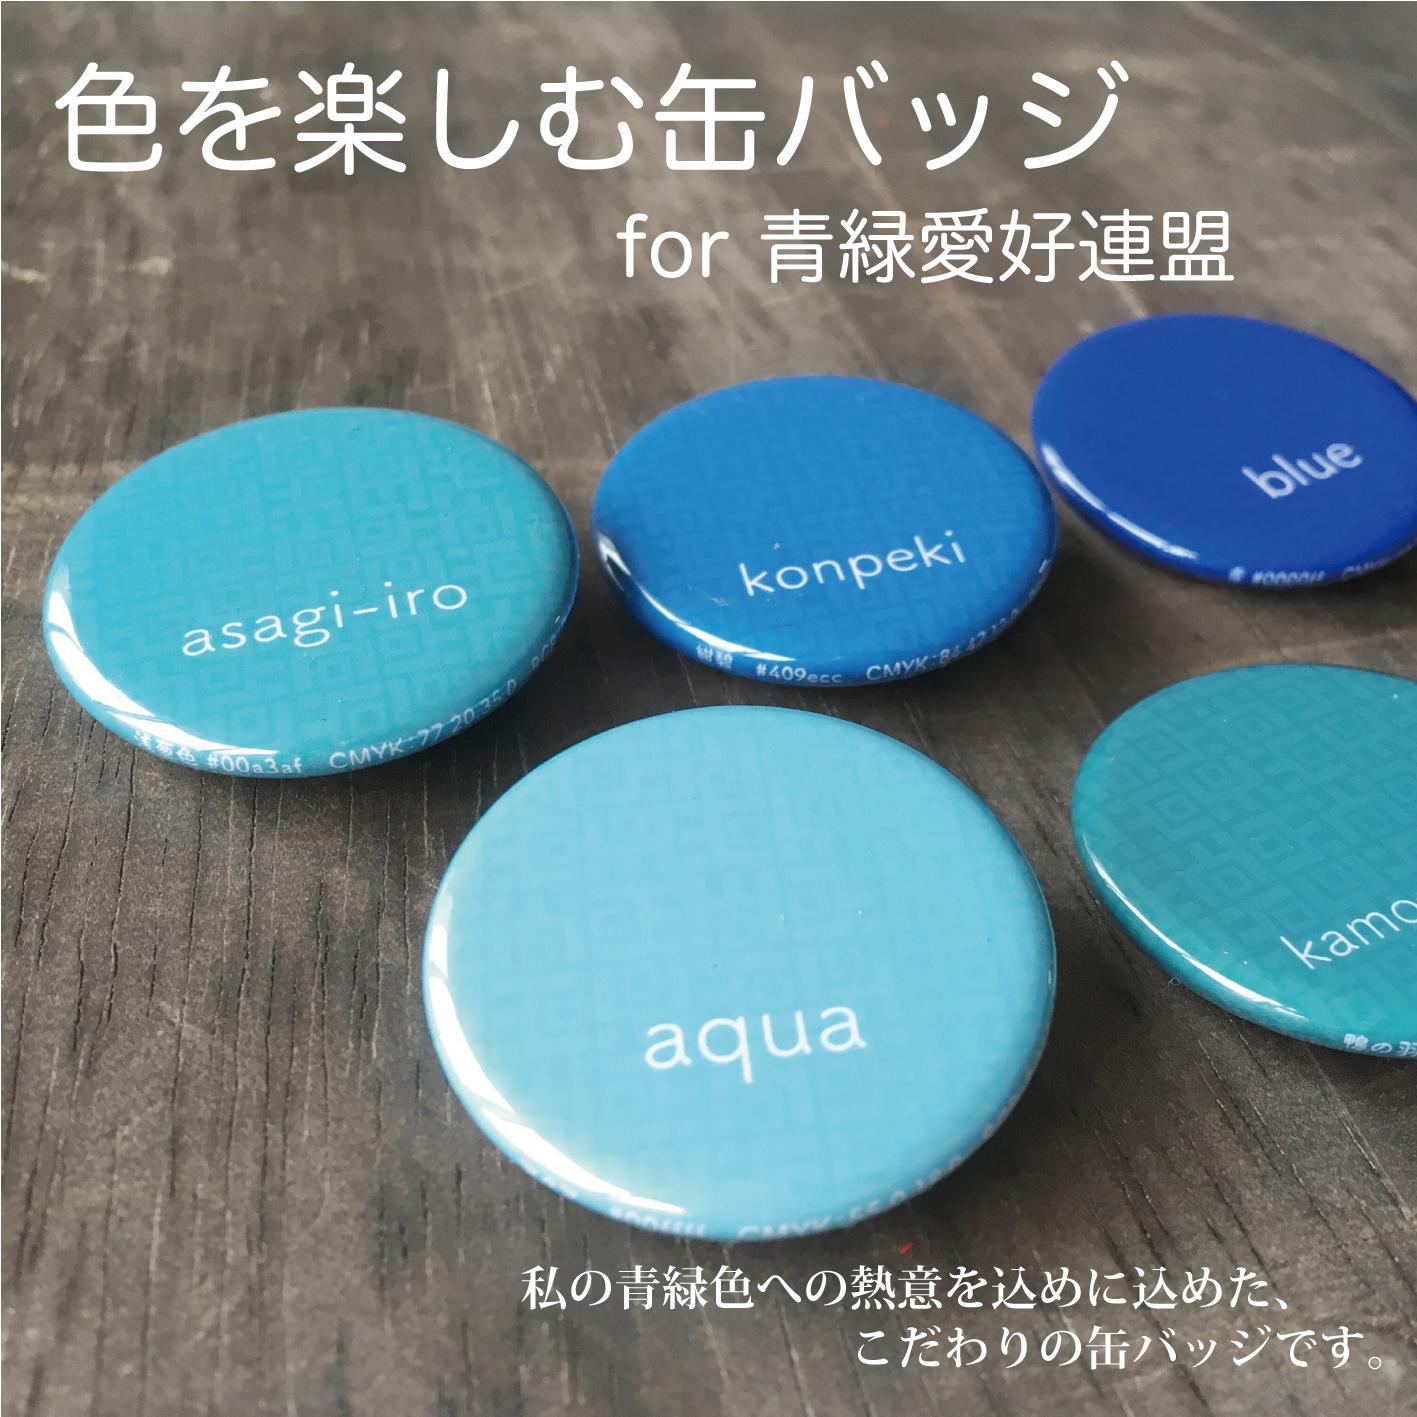 色を楽しむ缶バッジ for 青緑愛好連盟